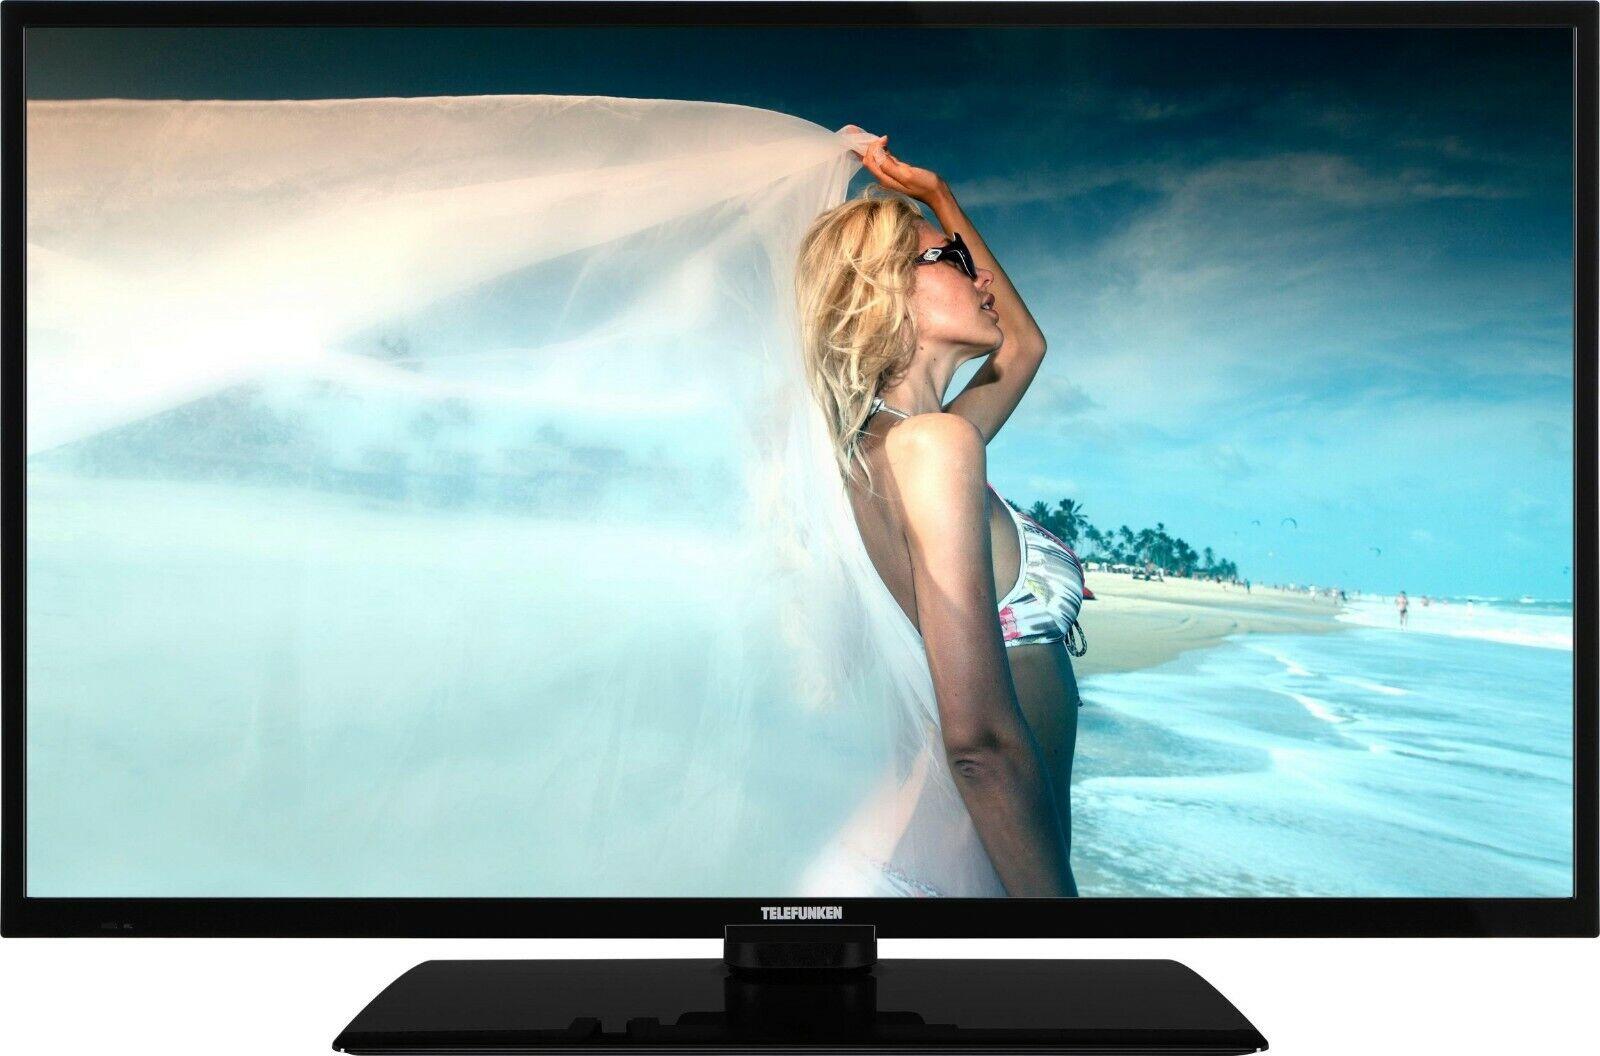 Telefunken LED-Fernseher 98 cm/39 Zoll, Full HD, Triple Tuner DVB-T2 HD/C/S2